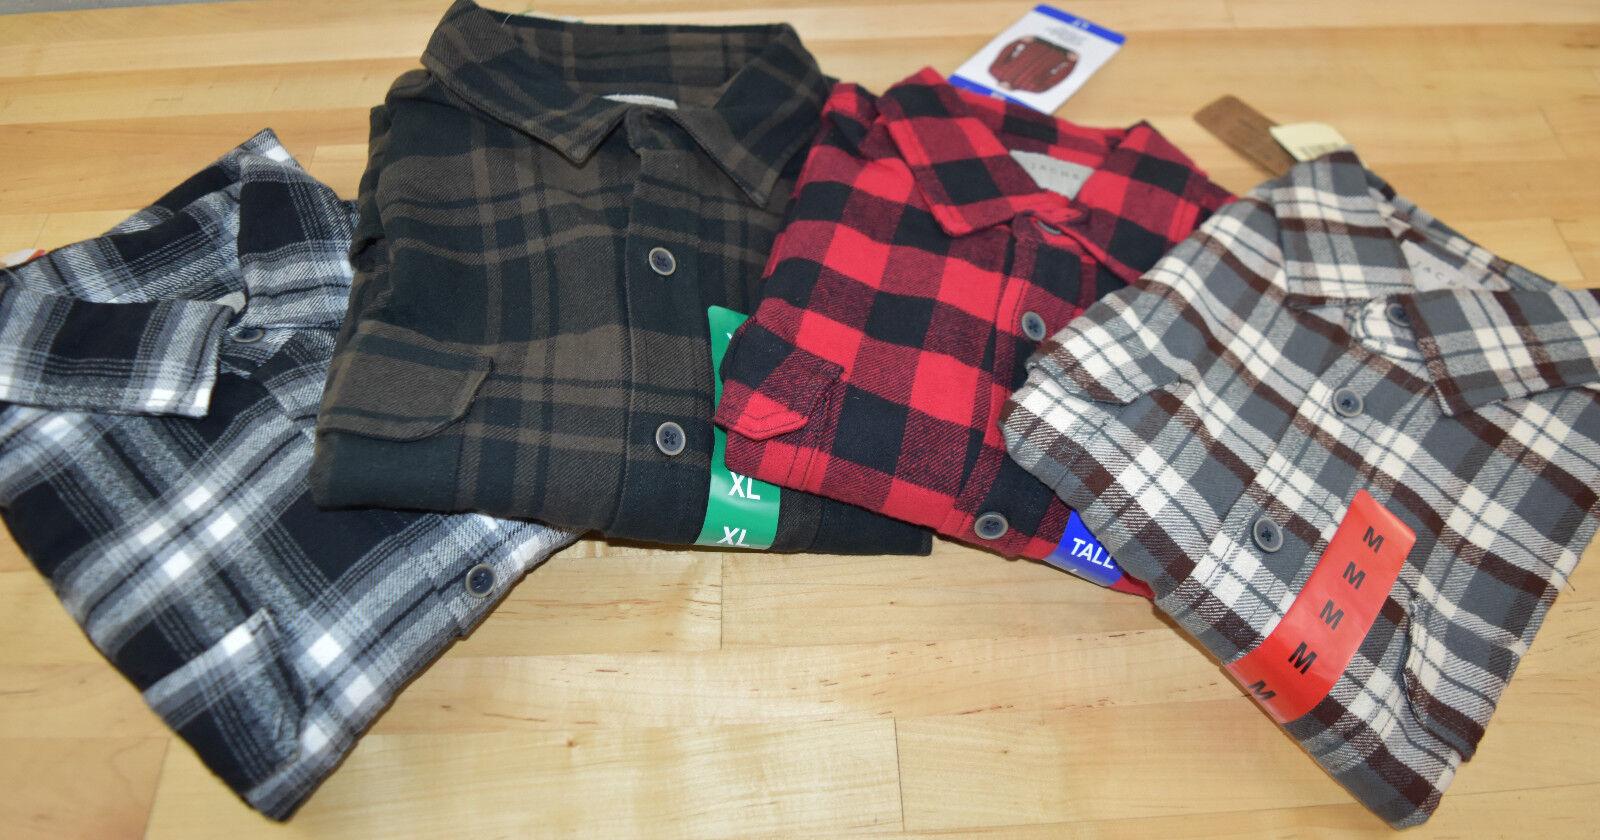 NWT Men's Jach's Button Down Flannel Shirt - SIZE & COLOR VA